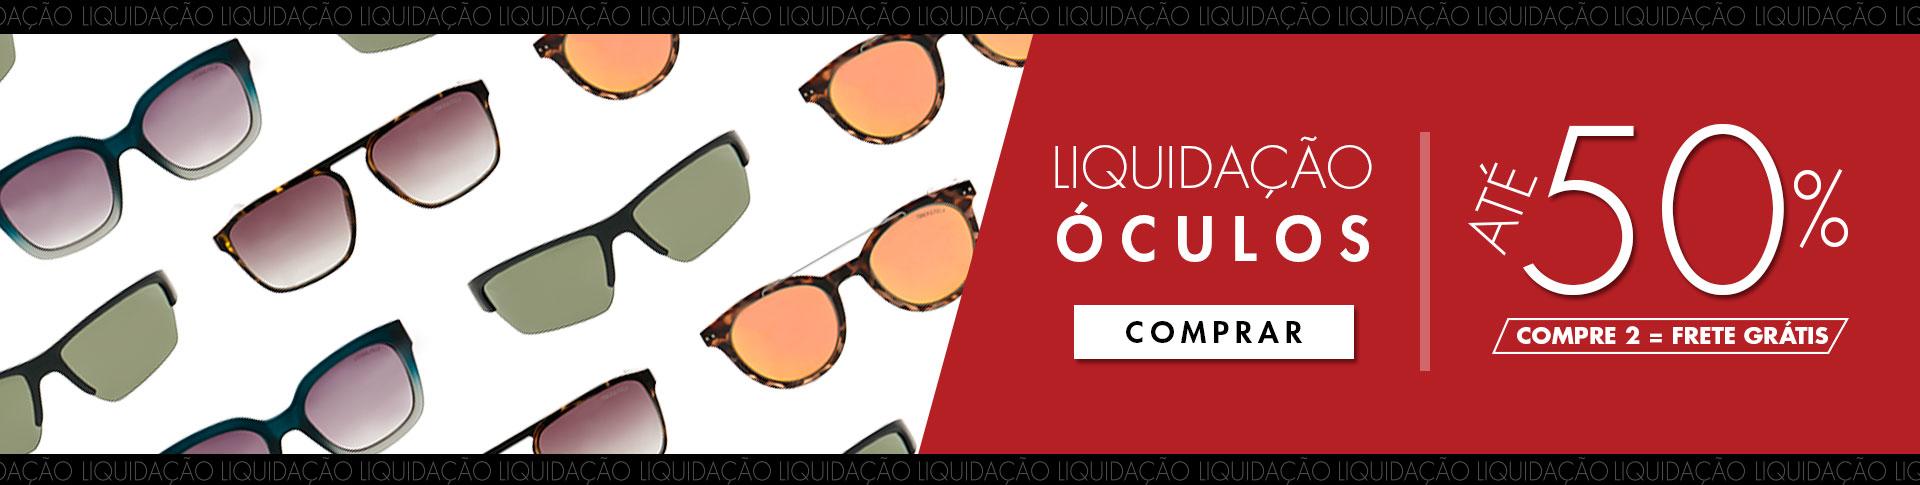 Liquida oculos ate 50% off